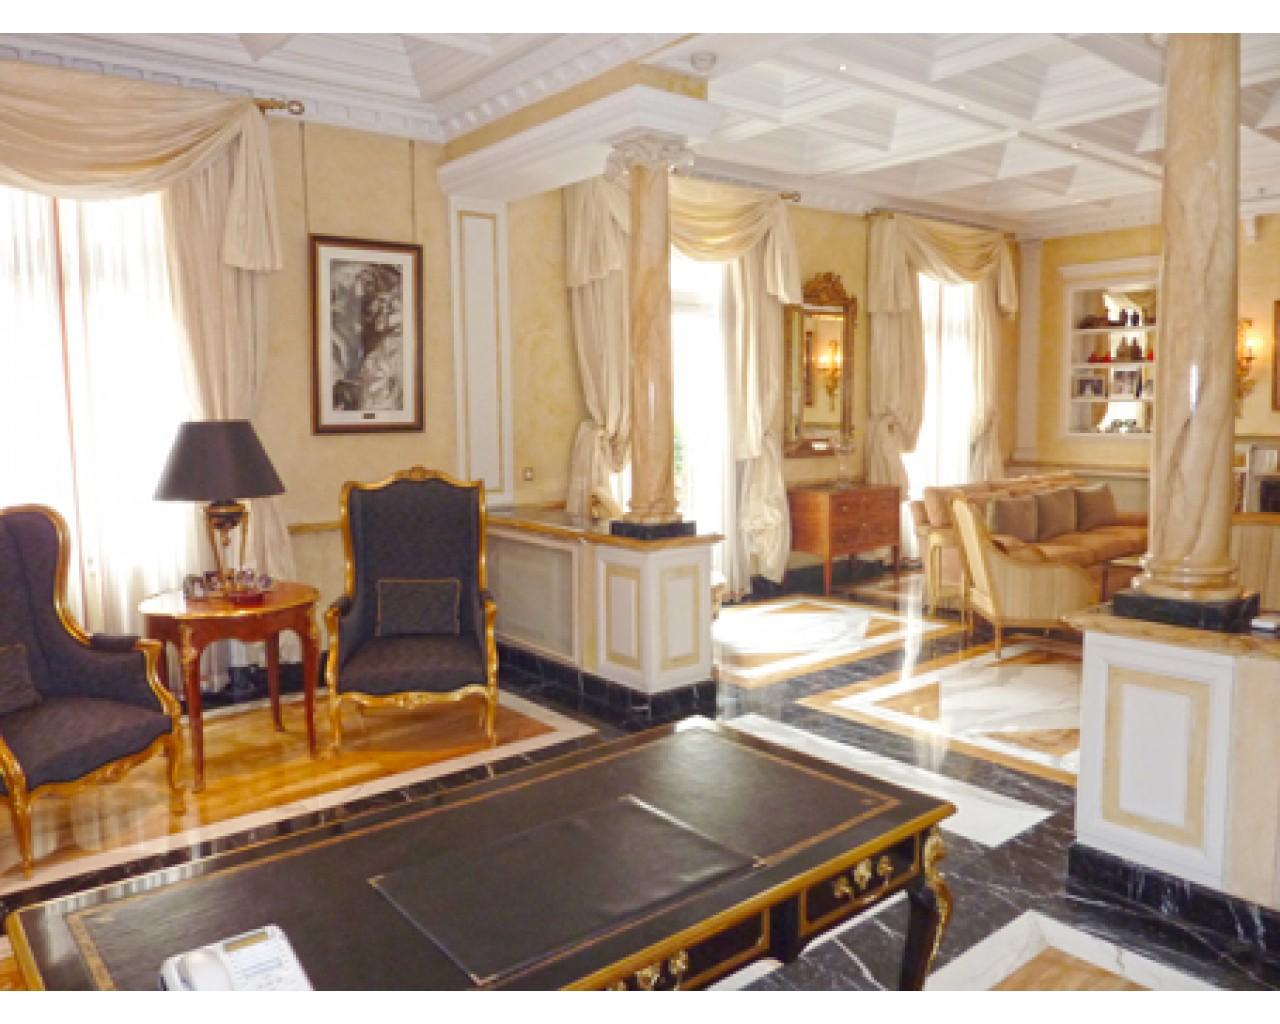 Location appartement Paris : pourquoi s'orienter vers les propriétaires ?